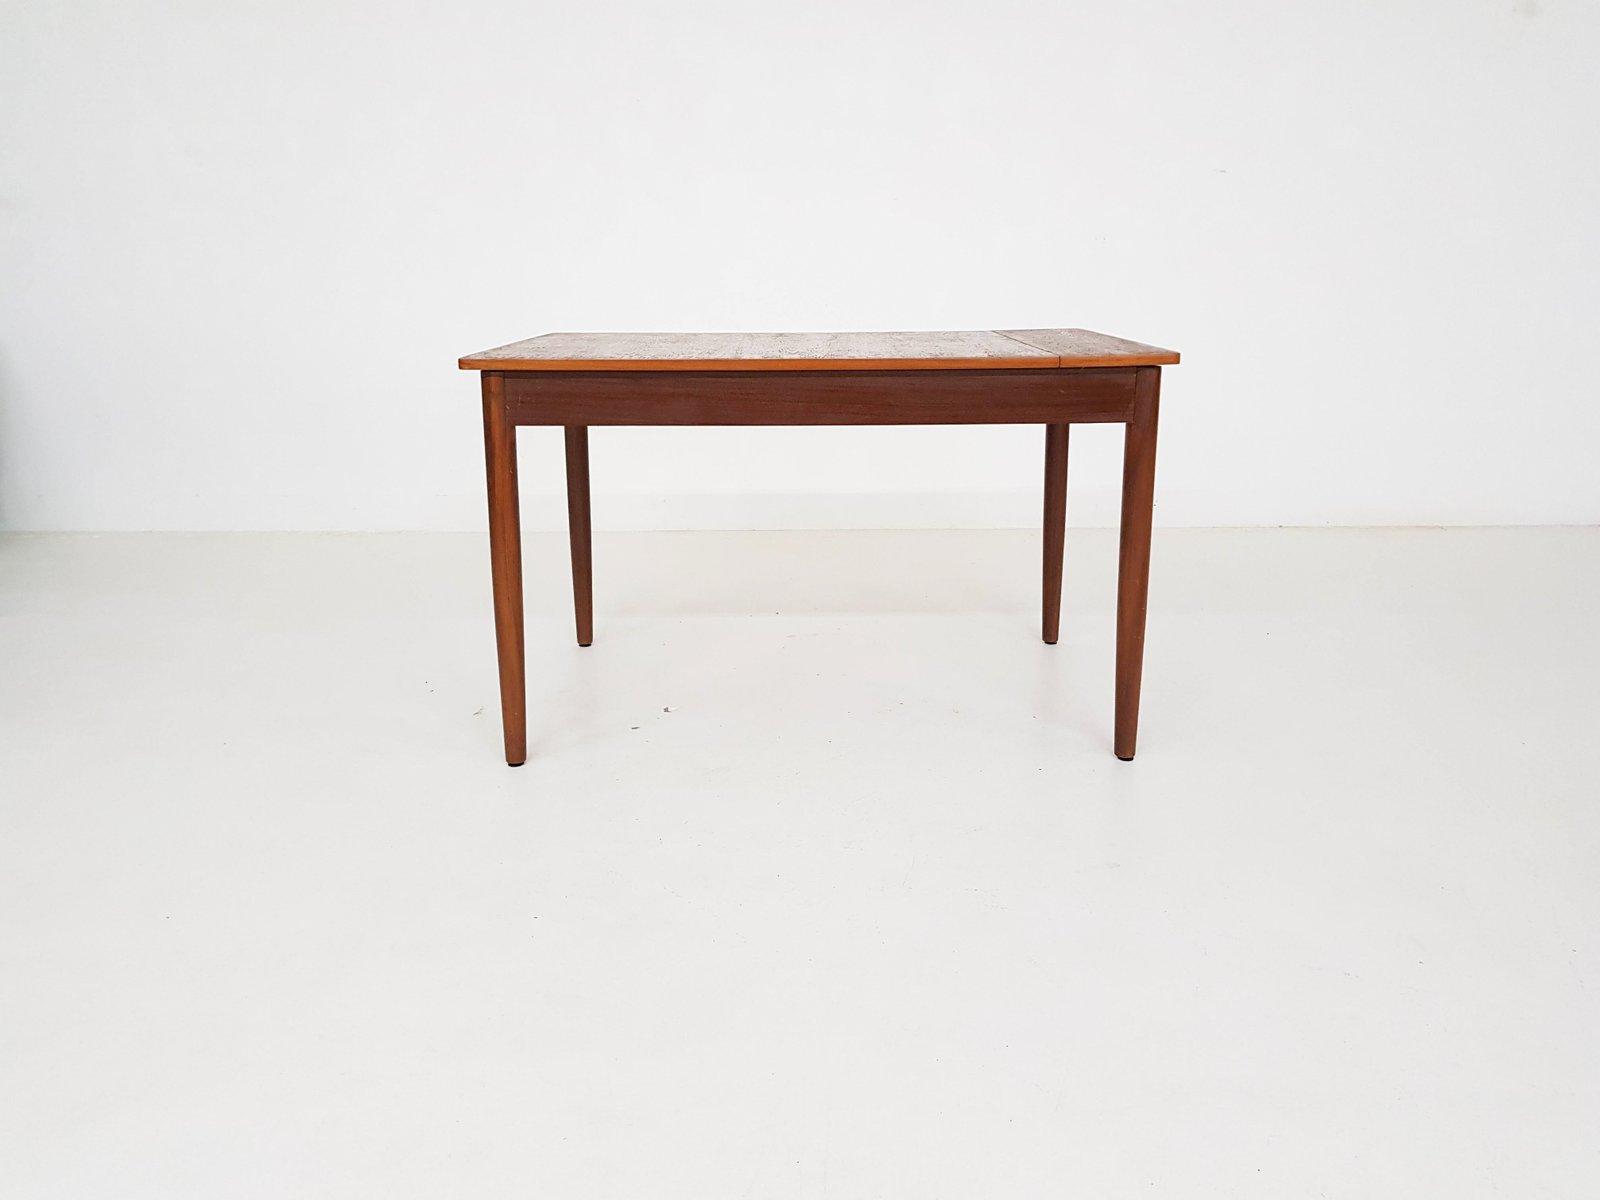 Table de salle manger vintage avec rallonge d 39 extension en vente sur pamono for Table salle a manger avec rallonge